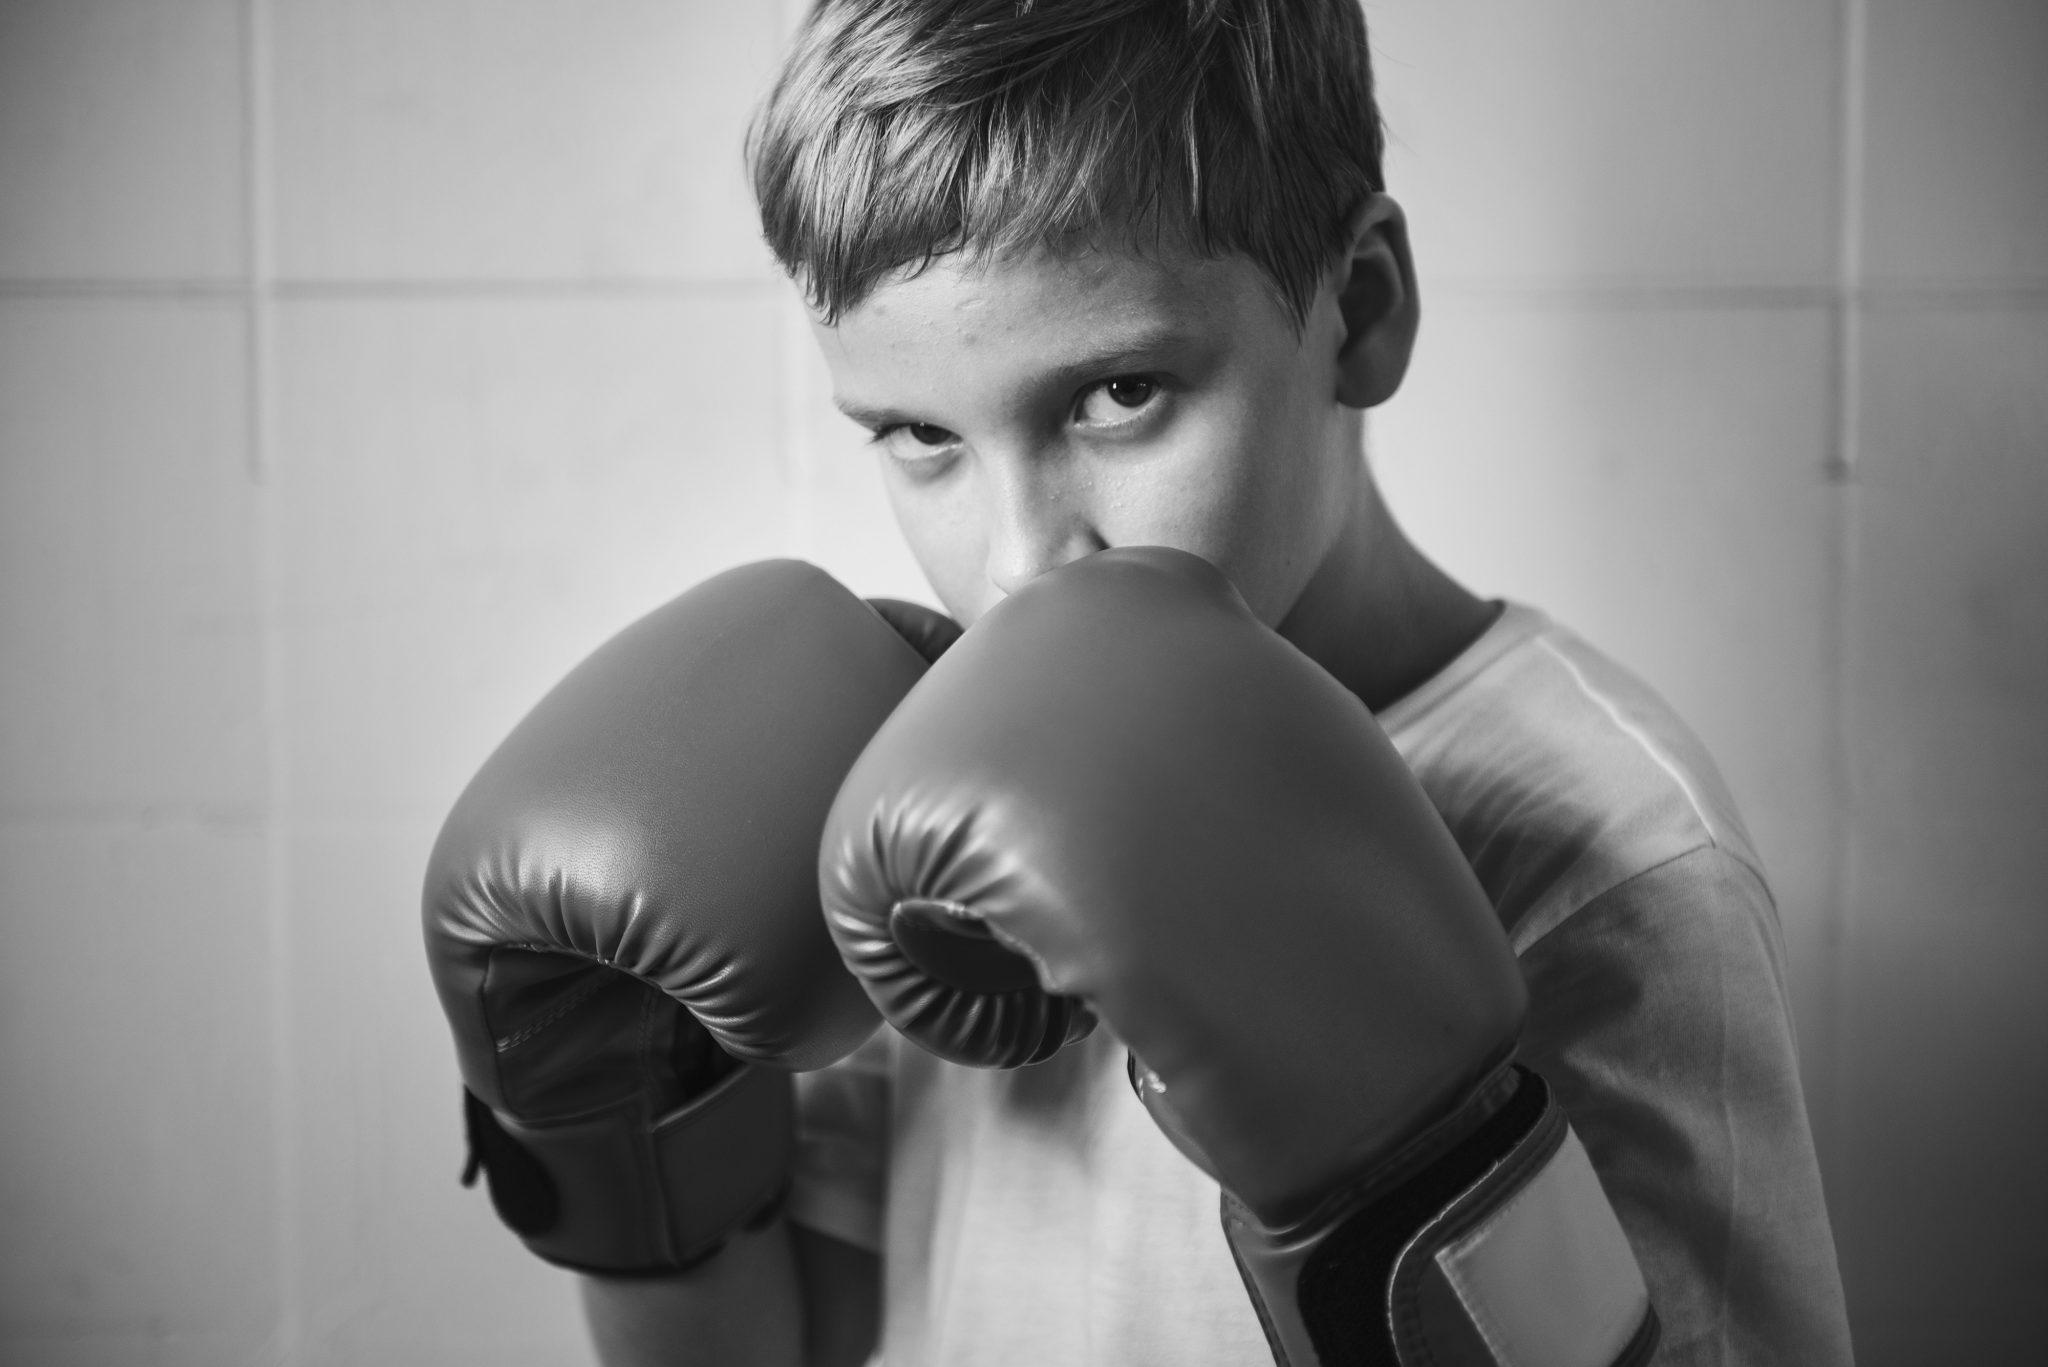 Ook voor kinderen is de sport uitermate geschikt.